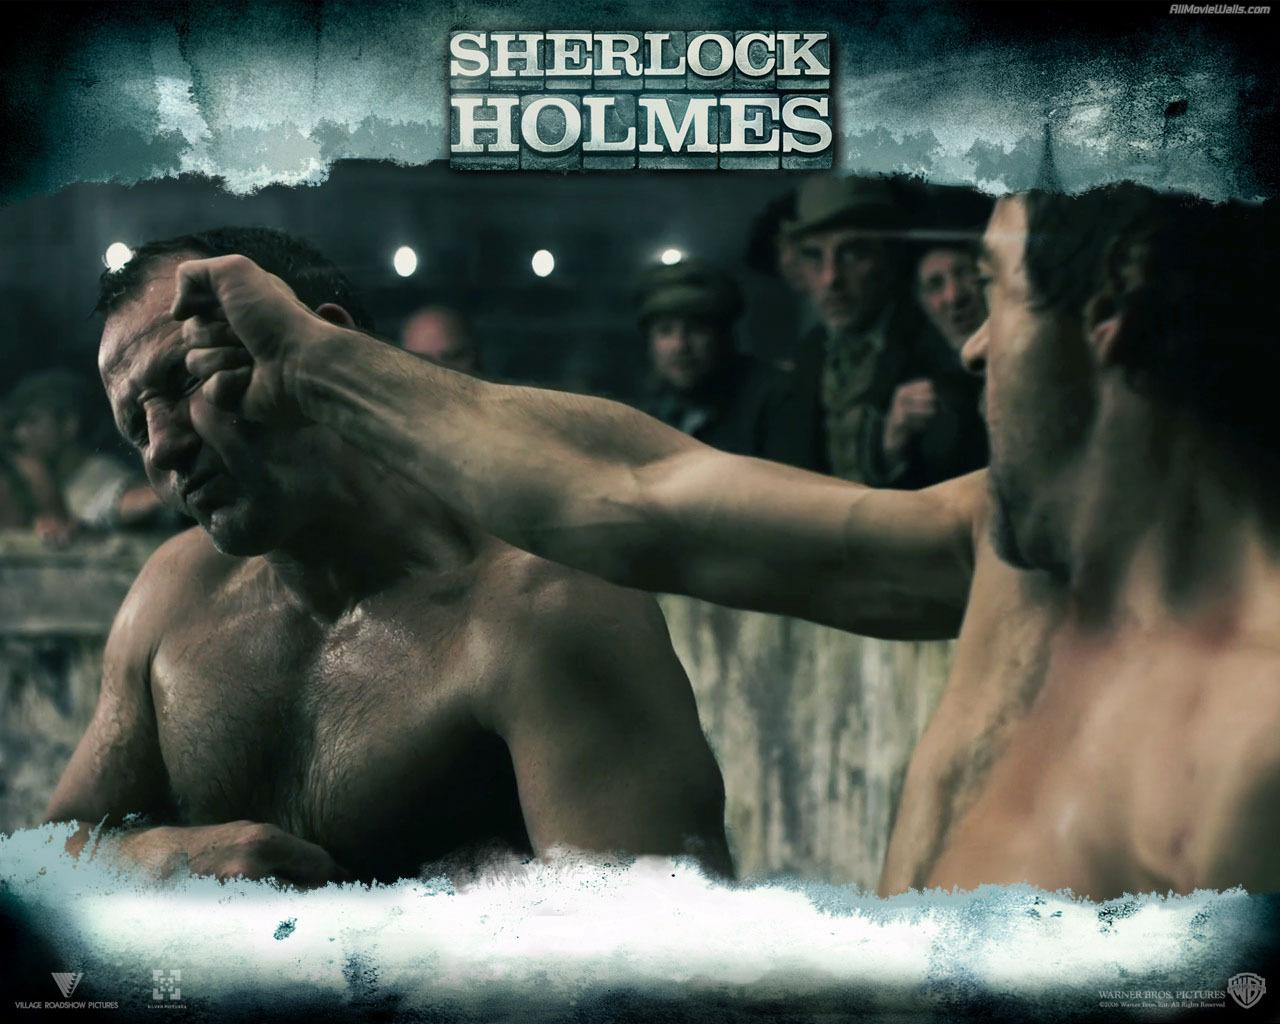 Шерлок холмс порно рассказ 13 фотография